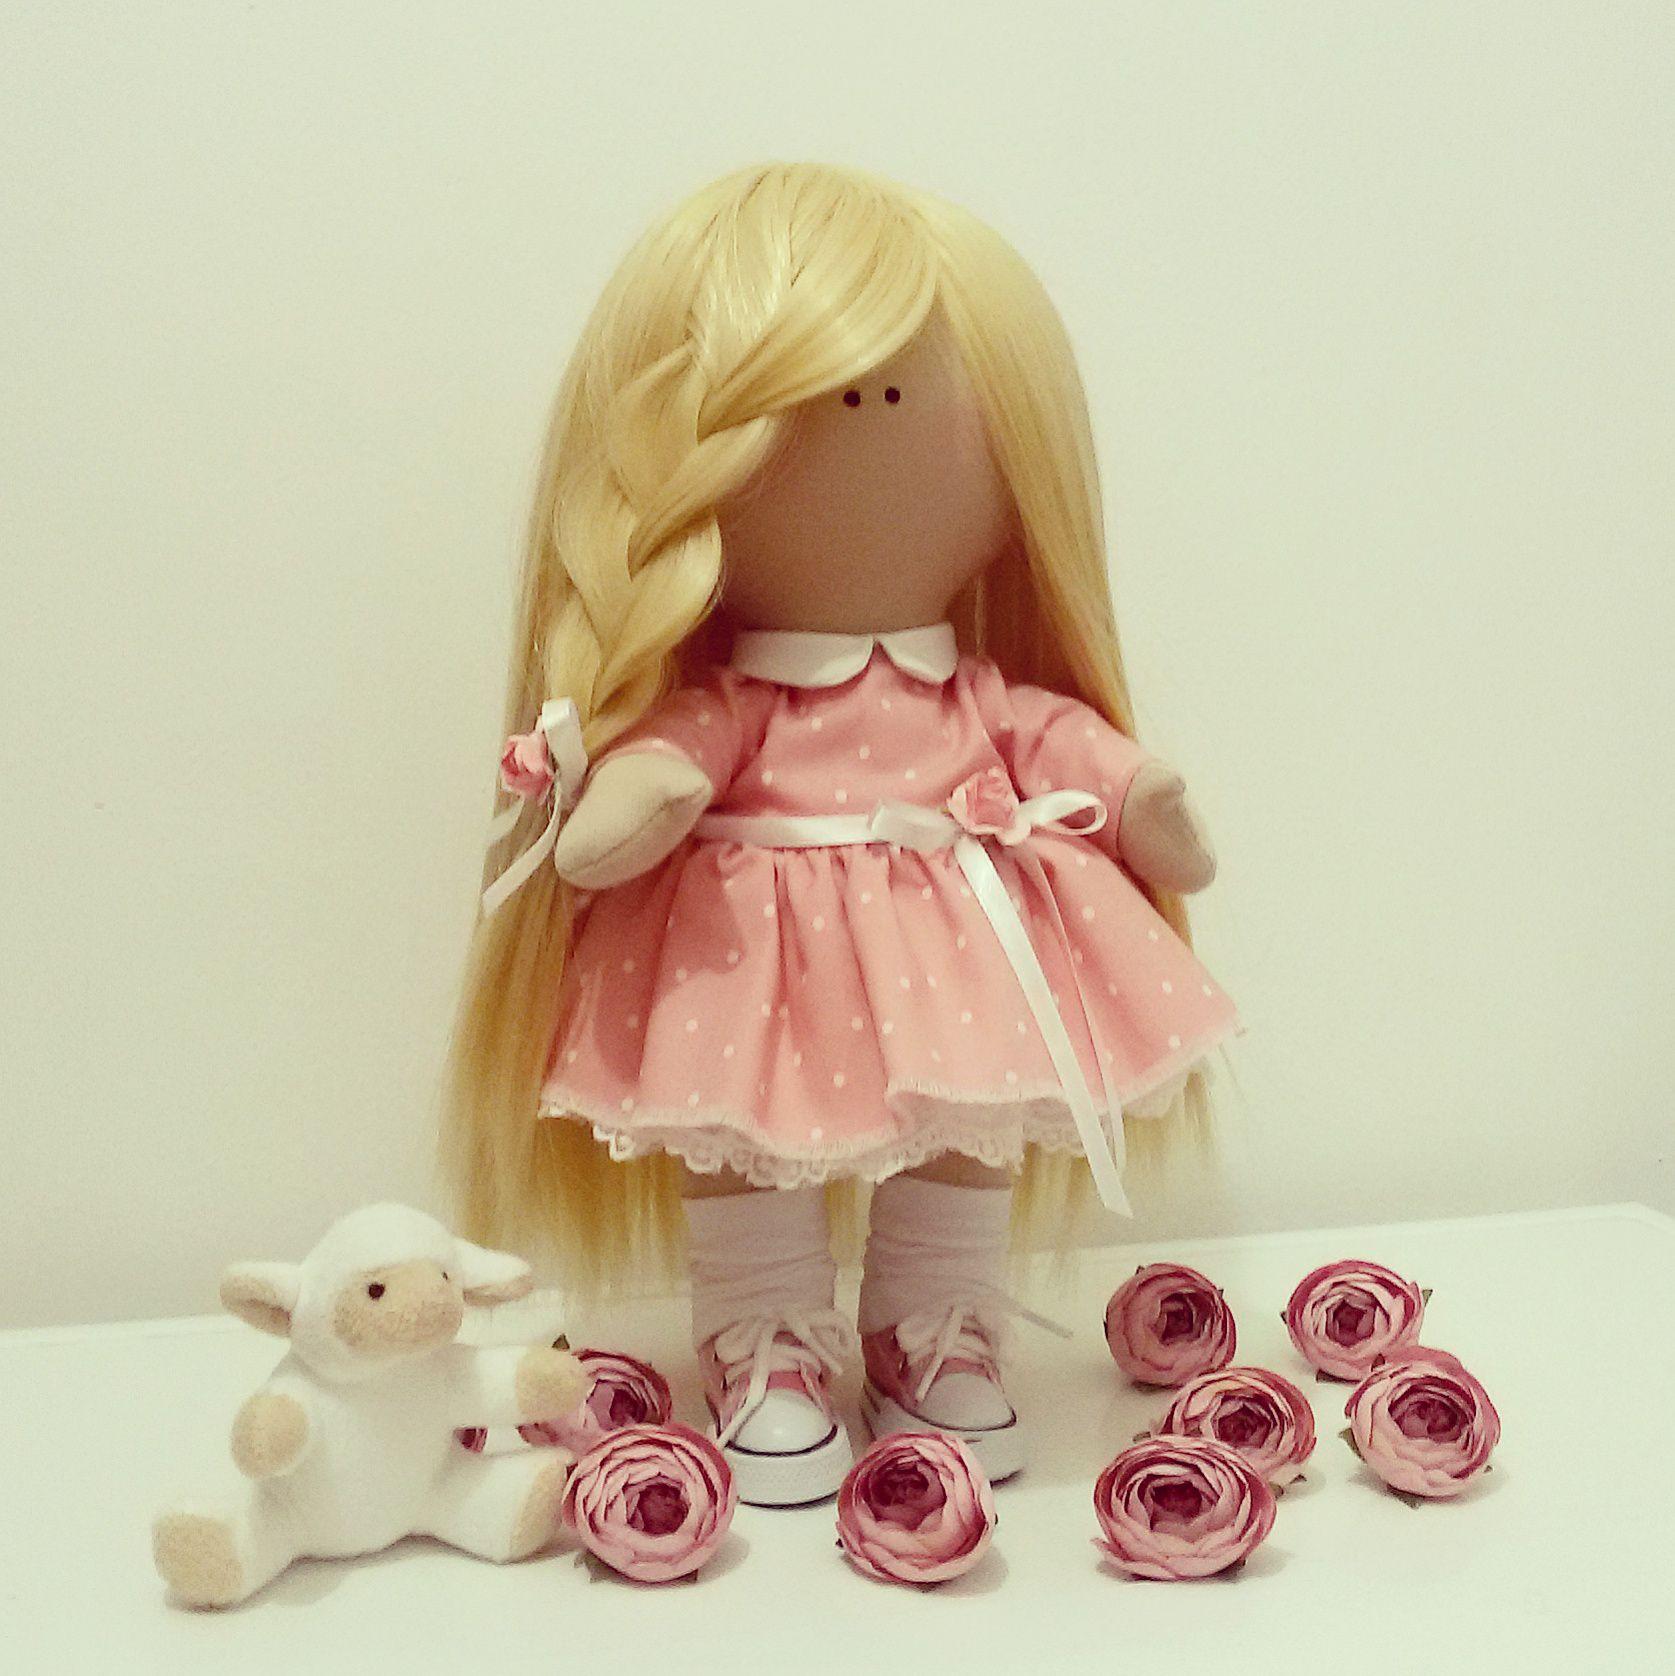 интерьер куклаизткани кукла ручнаяработа